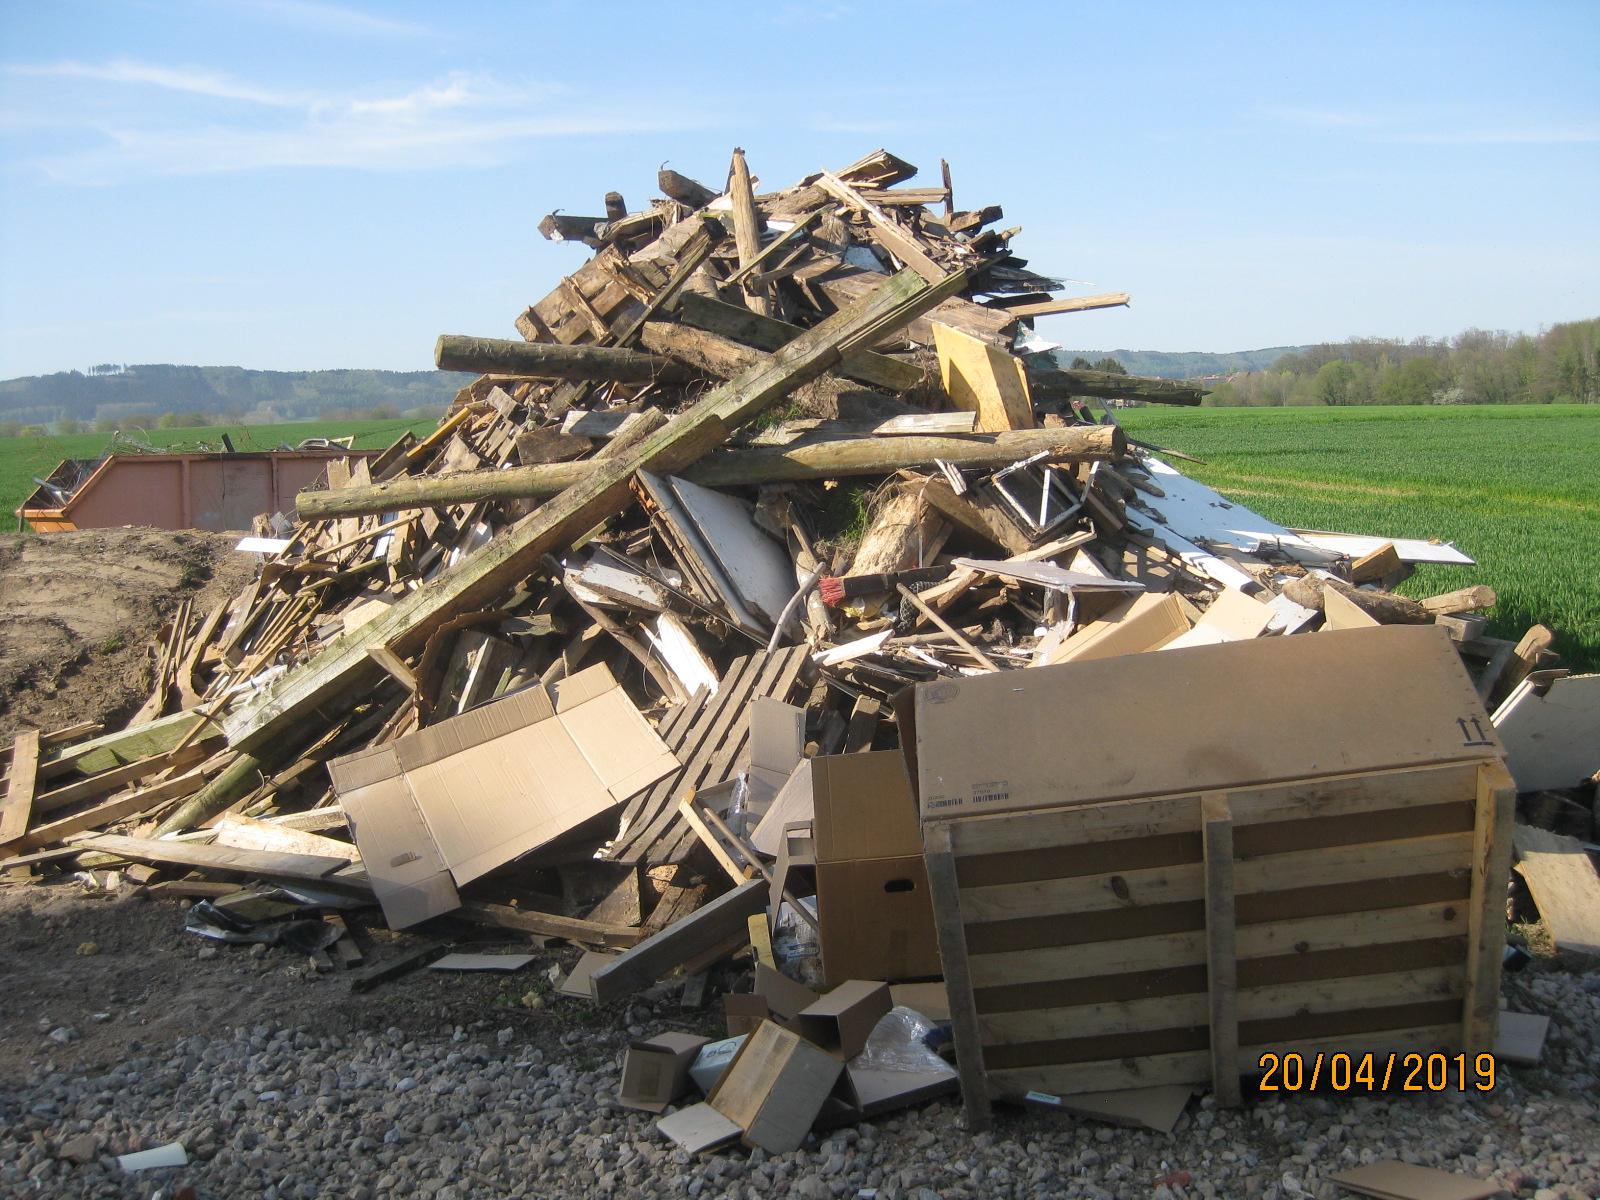 Foto/NABU Herford: Dieser private Müllhaufen (u.a. beschichtete Küchenfronten, geteerte Balken und Unrat) wurde 2019 in Kirchlengern als Osterfeuer genehmigt und abgebrannt.